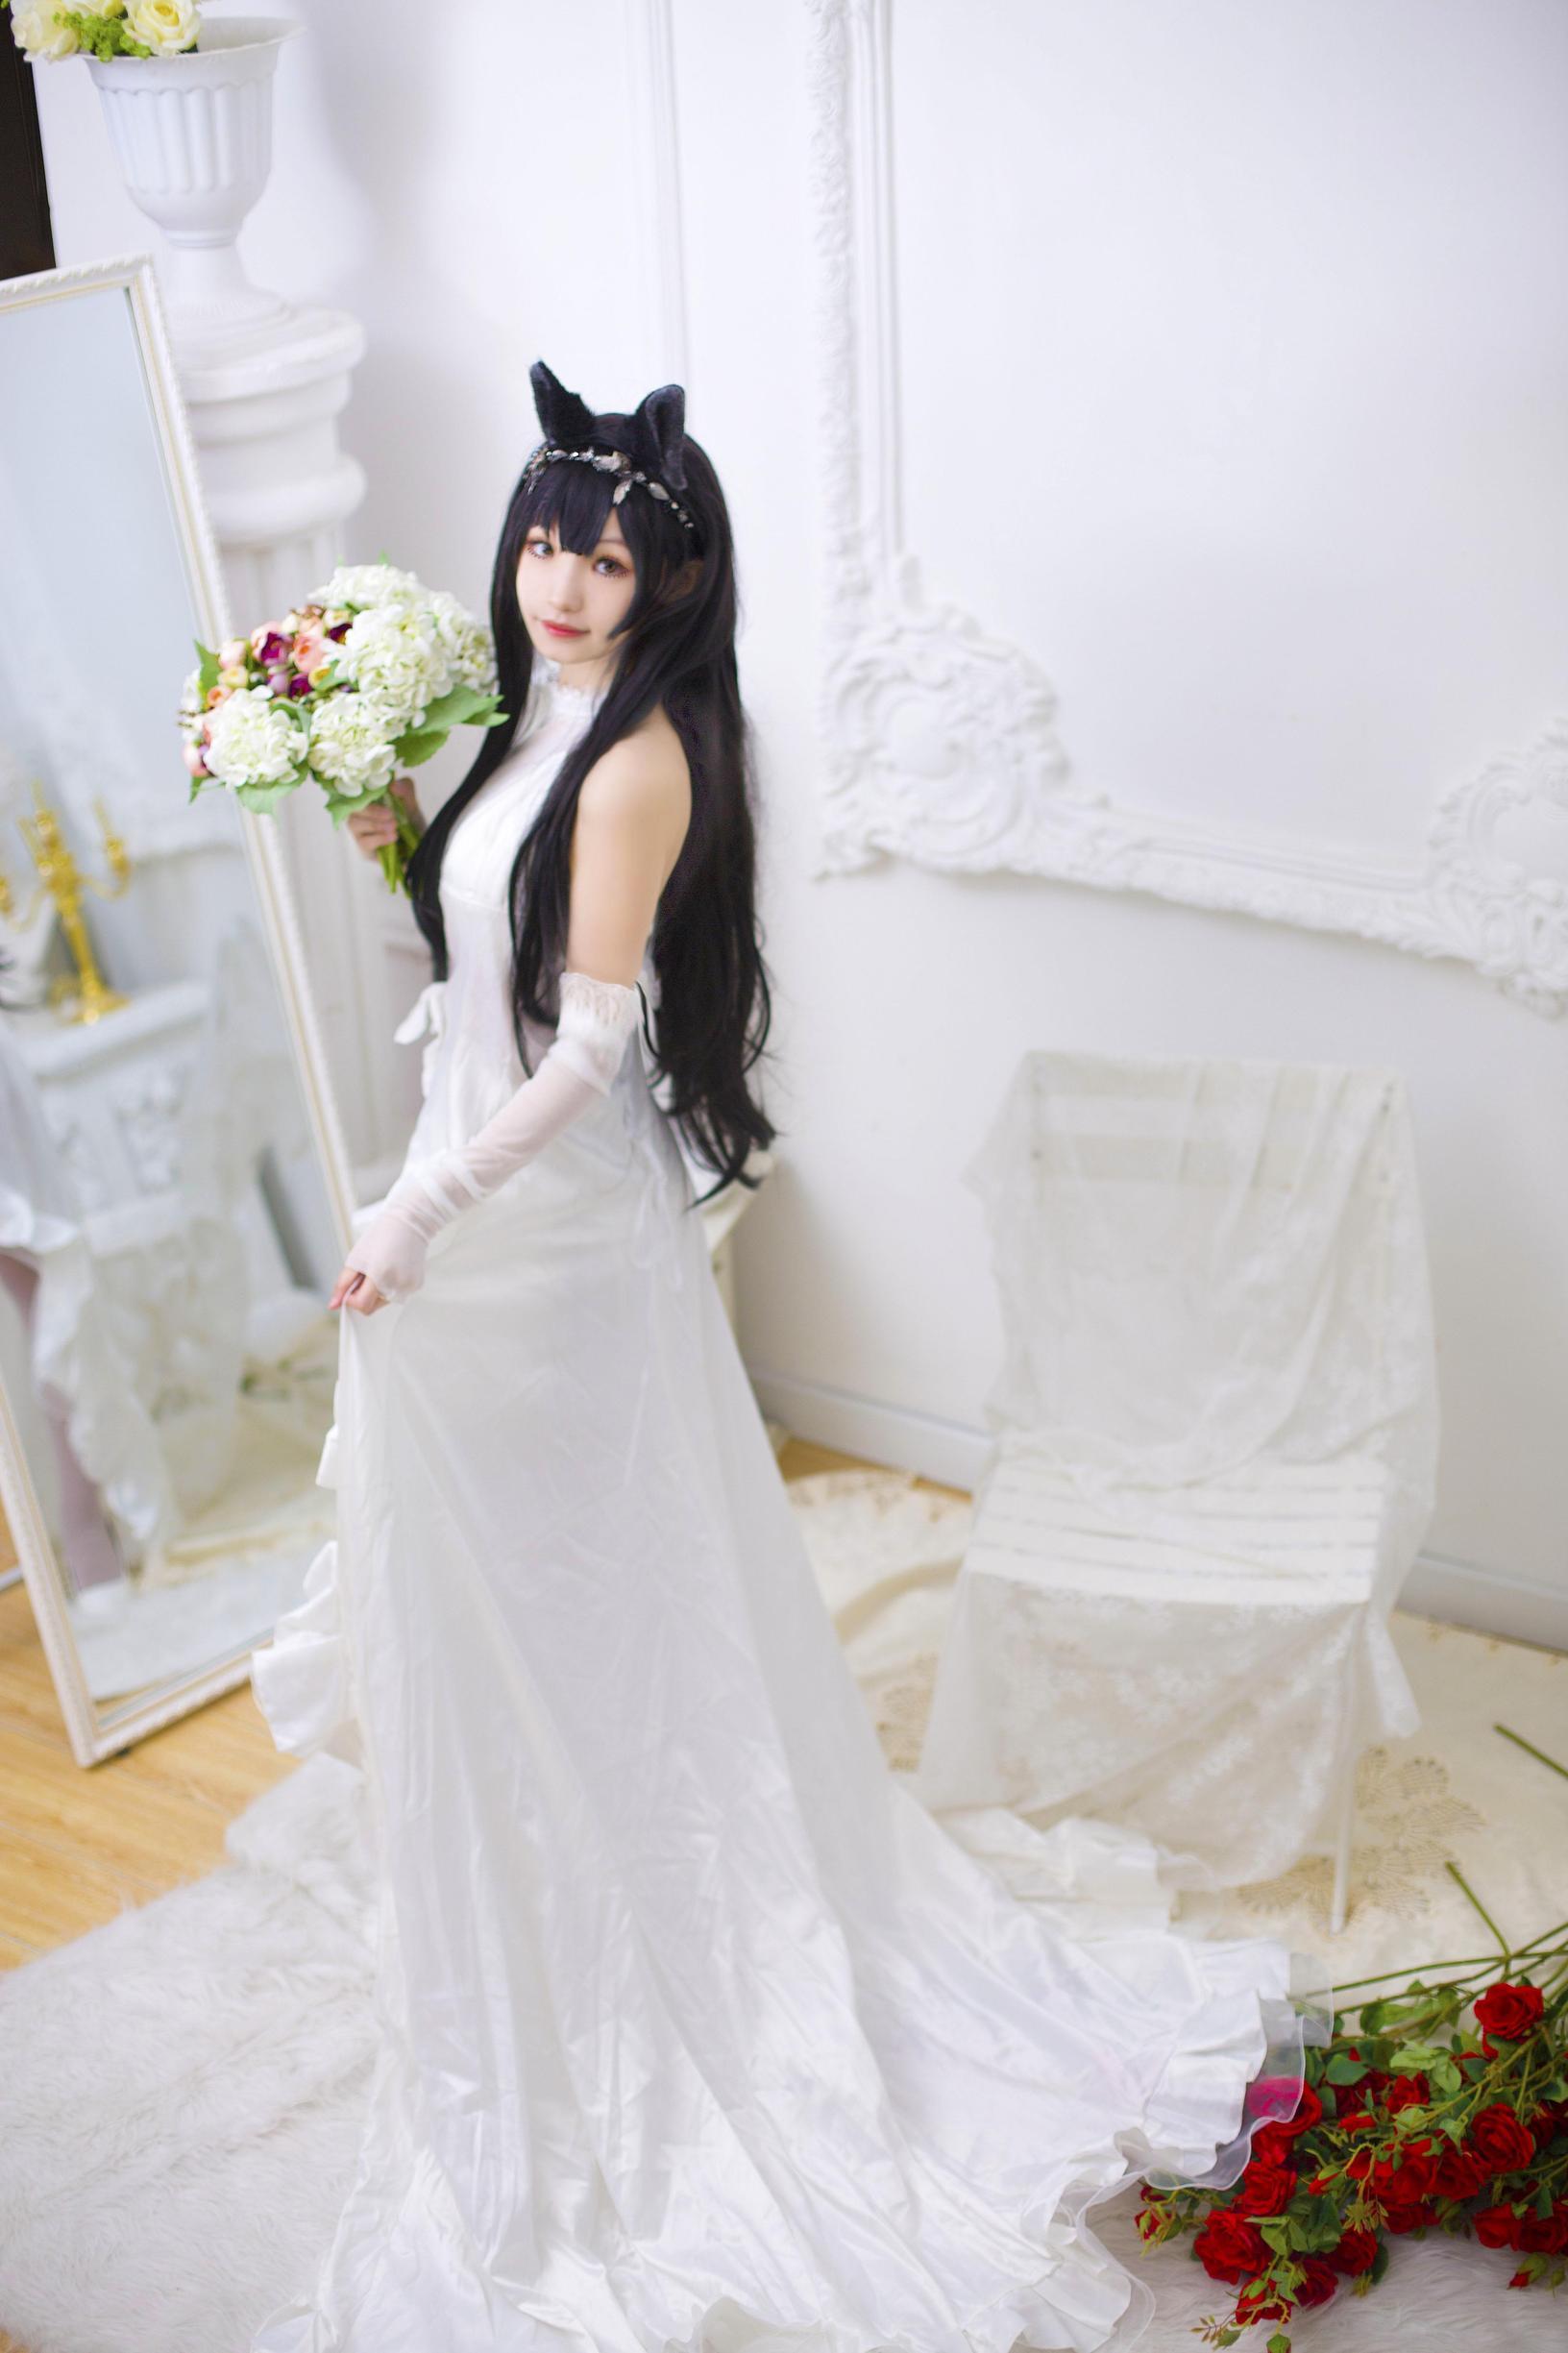 《碧蓝航线》正片cosplay【CN:宇宙不明蓝樱音w】-第17张